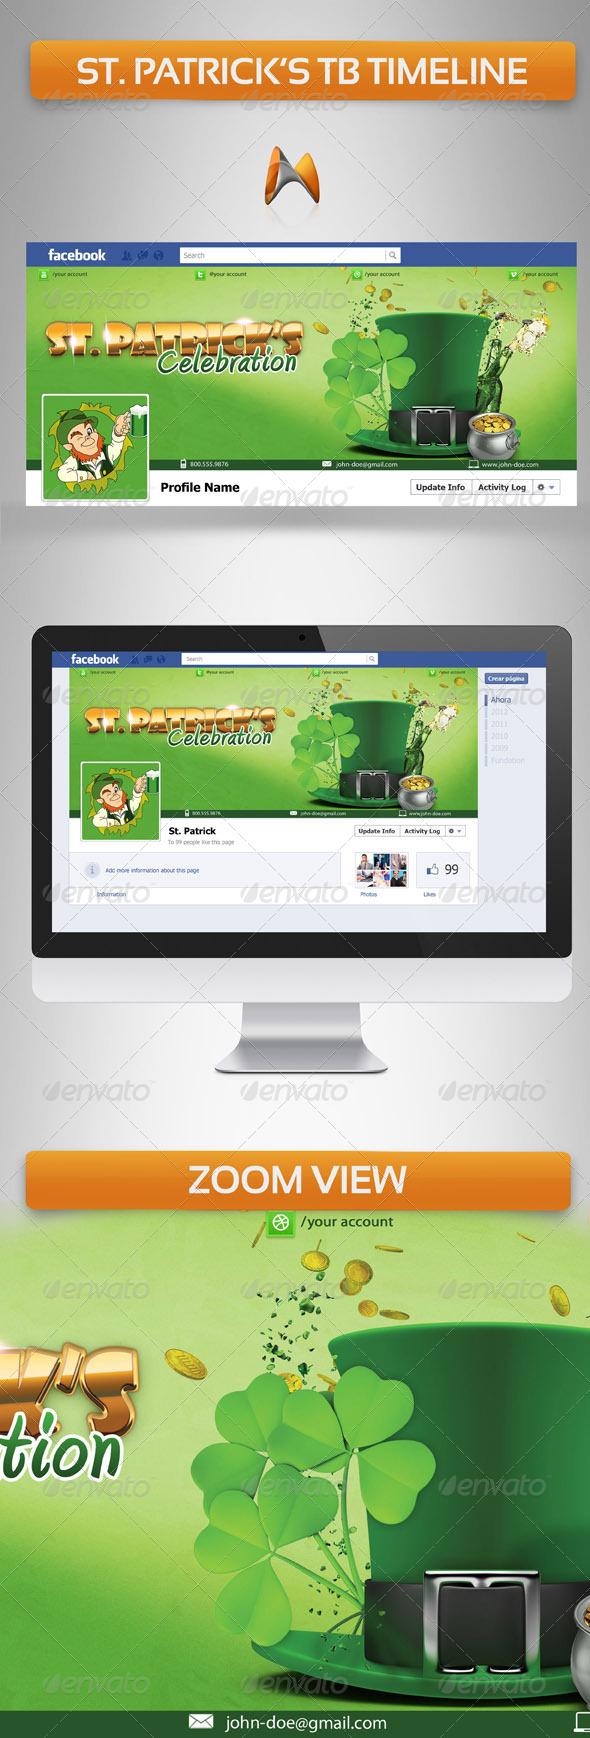 St. Patrick FB Timeline Cover - Facebook Timeline Covers Social Media